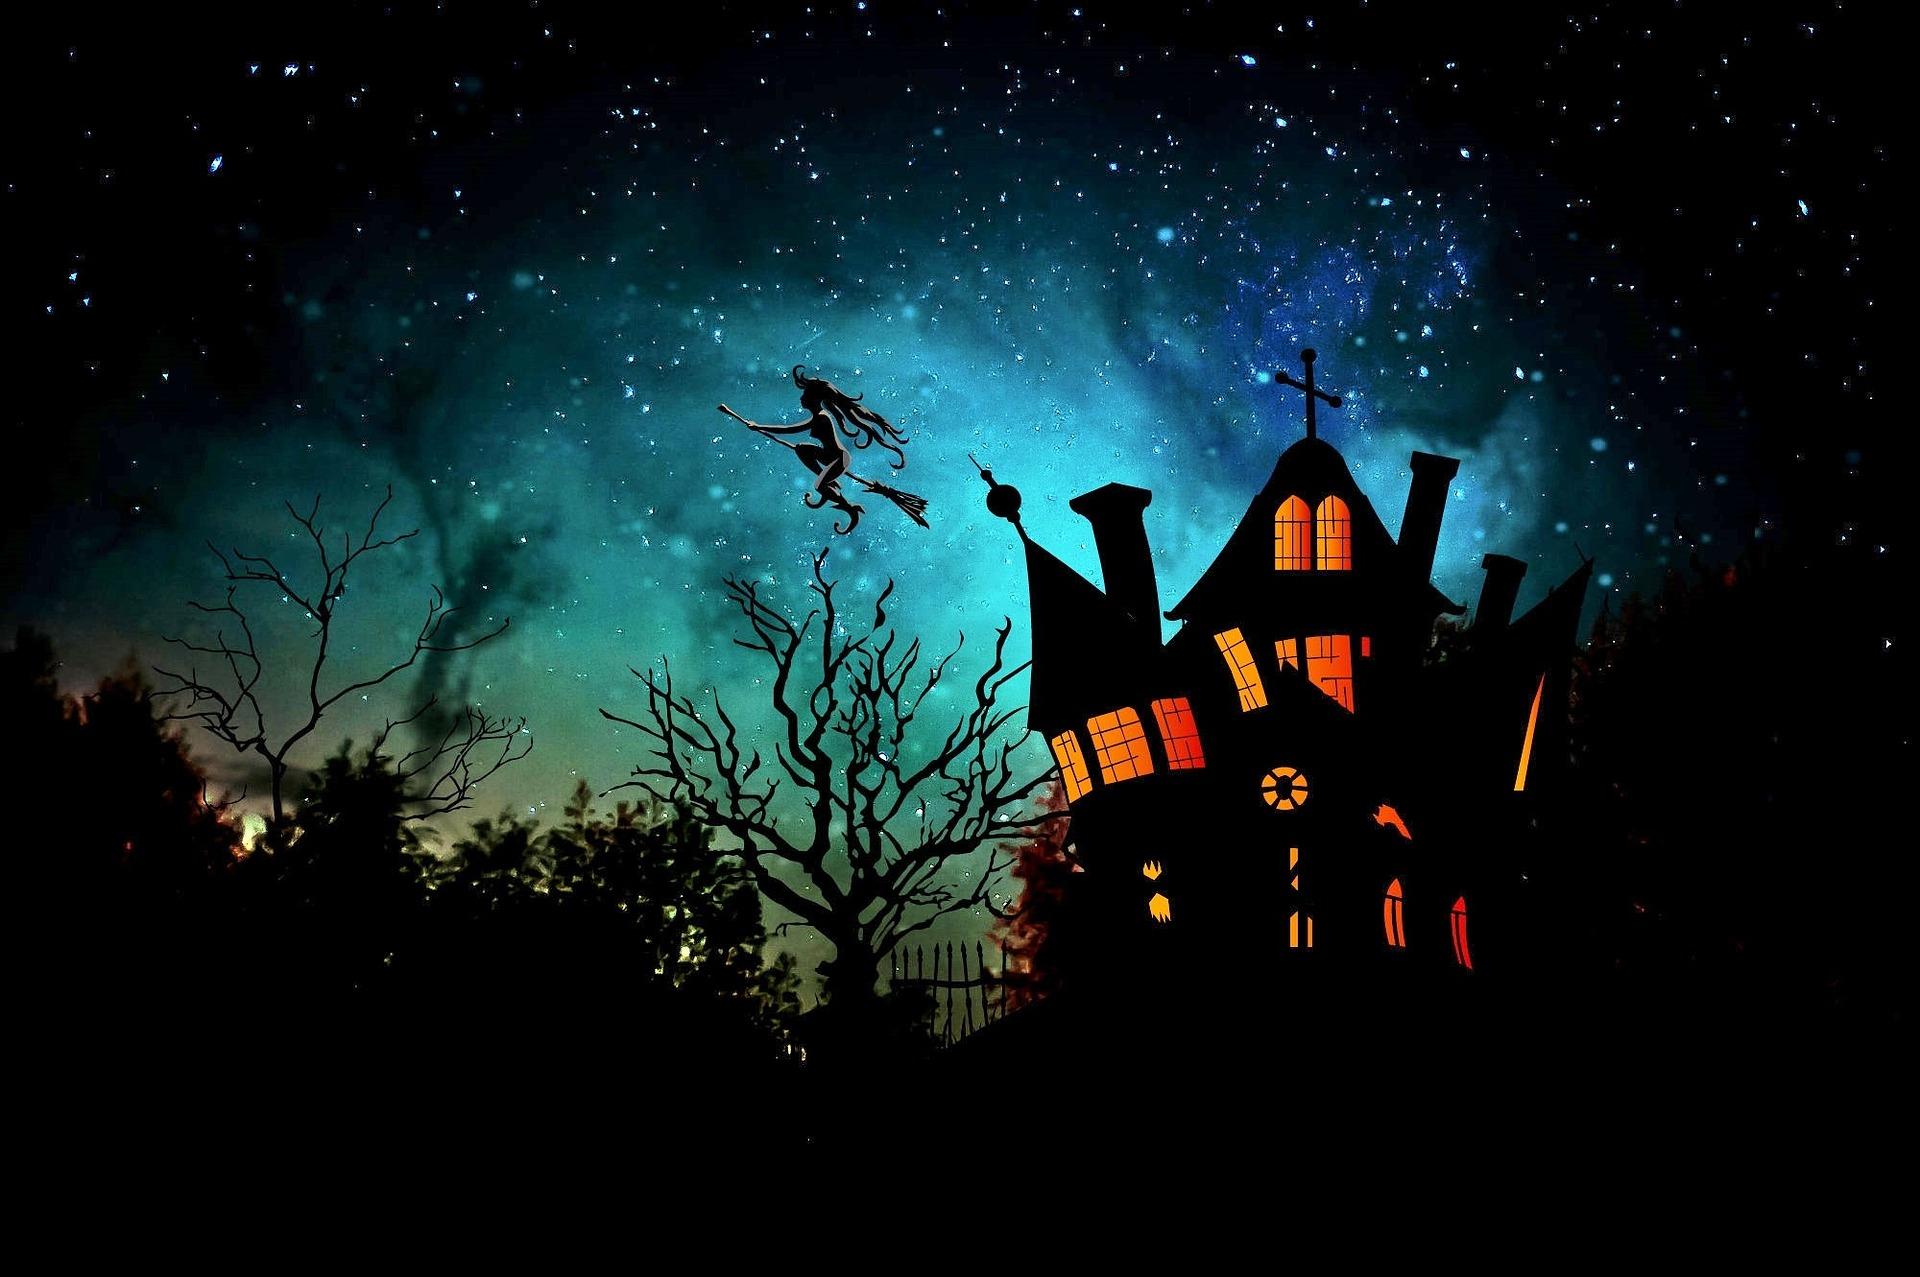 Halloween Spelletjes Volwassenen.Zo Bereid Je Je Goed Voor Op Halloween Feest Spel Nl